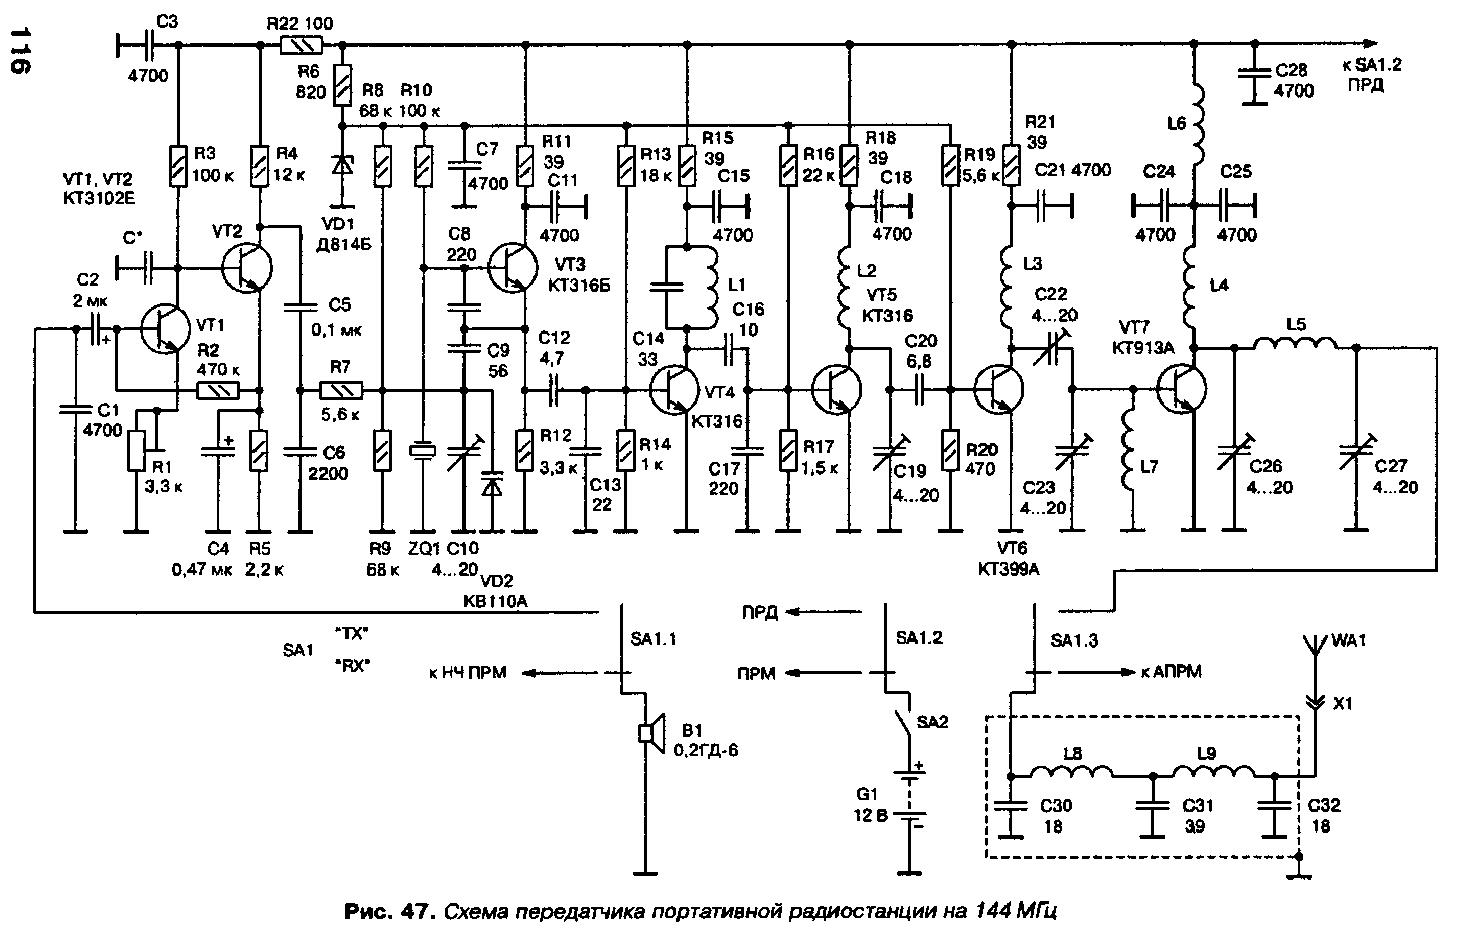 схема передатчика на 90 мгц